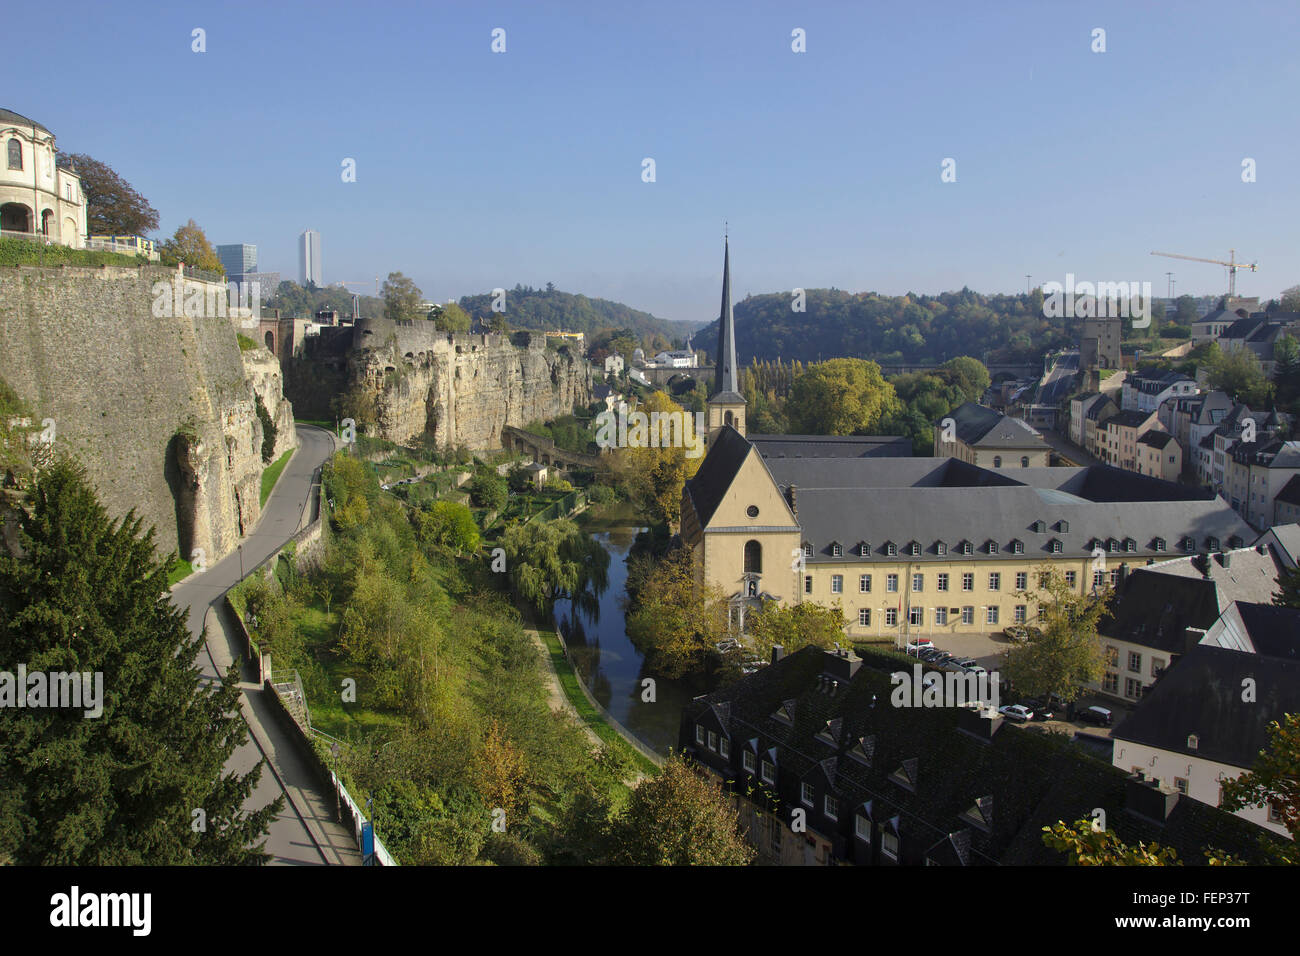 Luxemburg, Ansicht von der Corniche der Oberstadt mit dem Quartal Grund und Abtei Neumünster, Herbst Stockbild